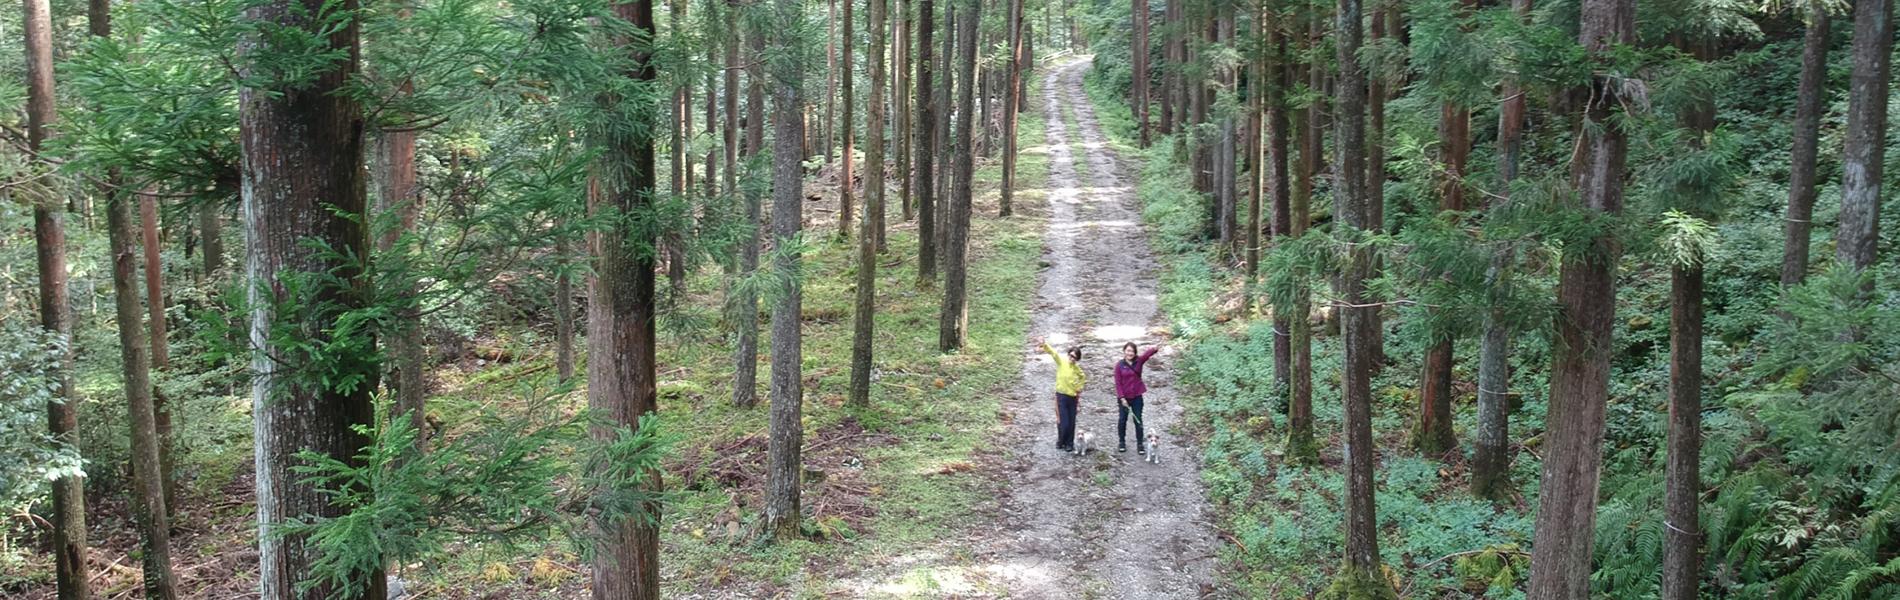 GO! Forest ワンコと冒険に出かけよう ワンコの森あそび体験会